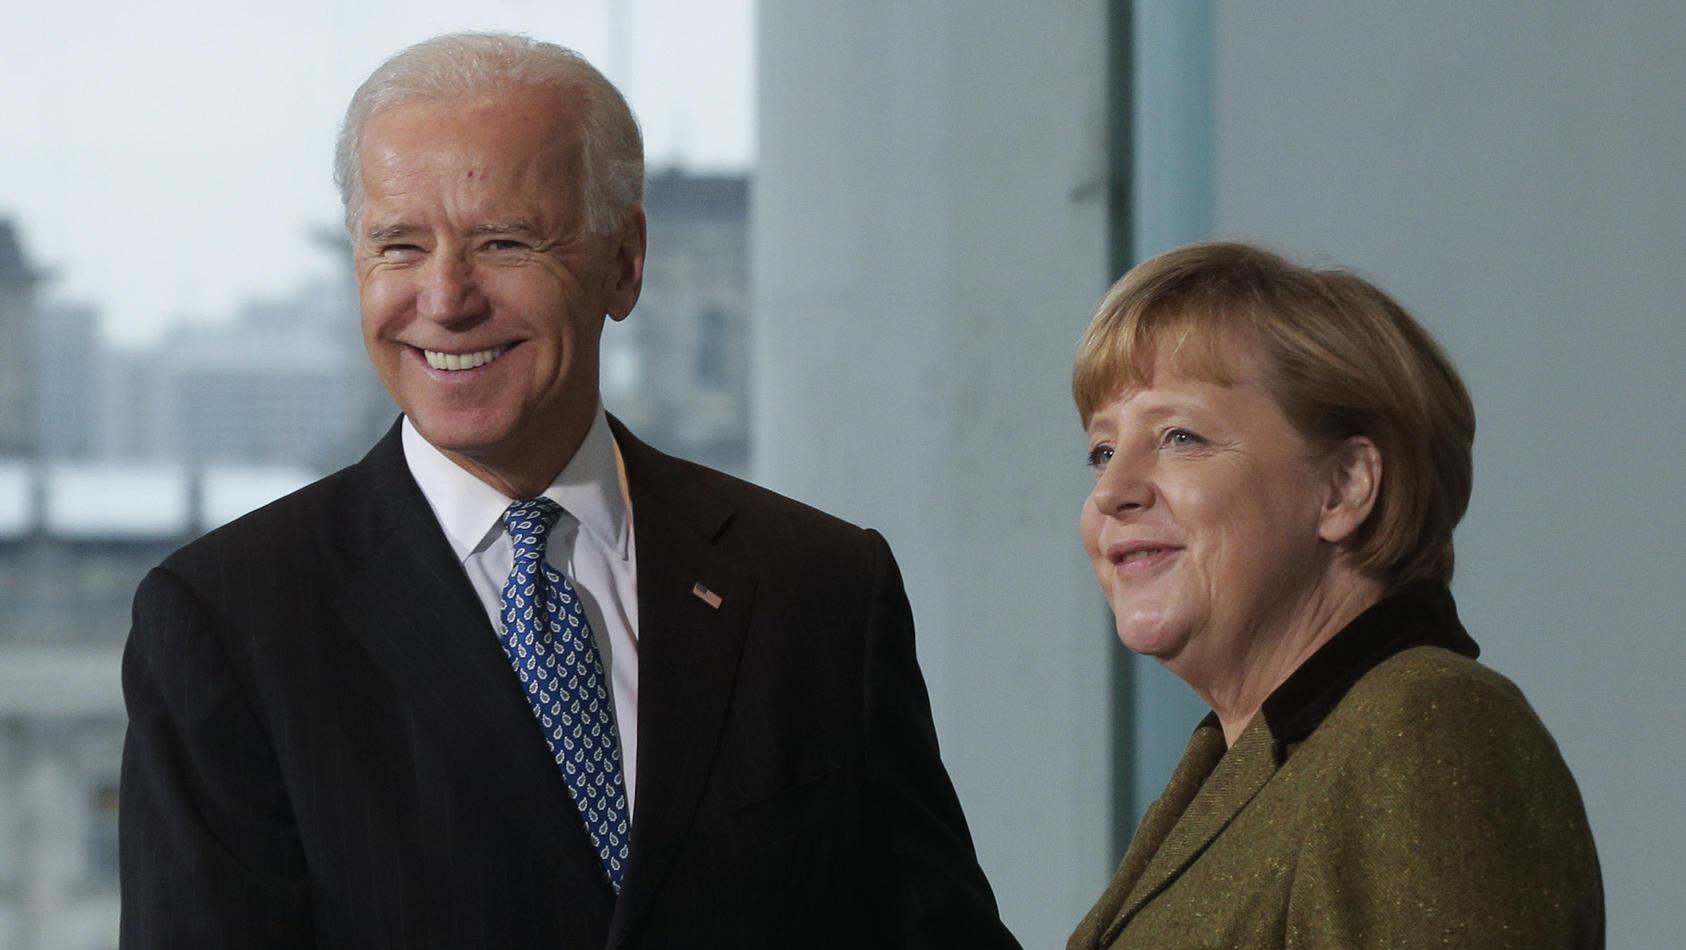 Ein Bild aus alten Tagen: Unter anderem 2013 trafen sich Joe Biden und Angela Merkel persönlich